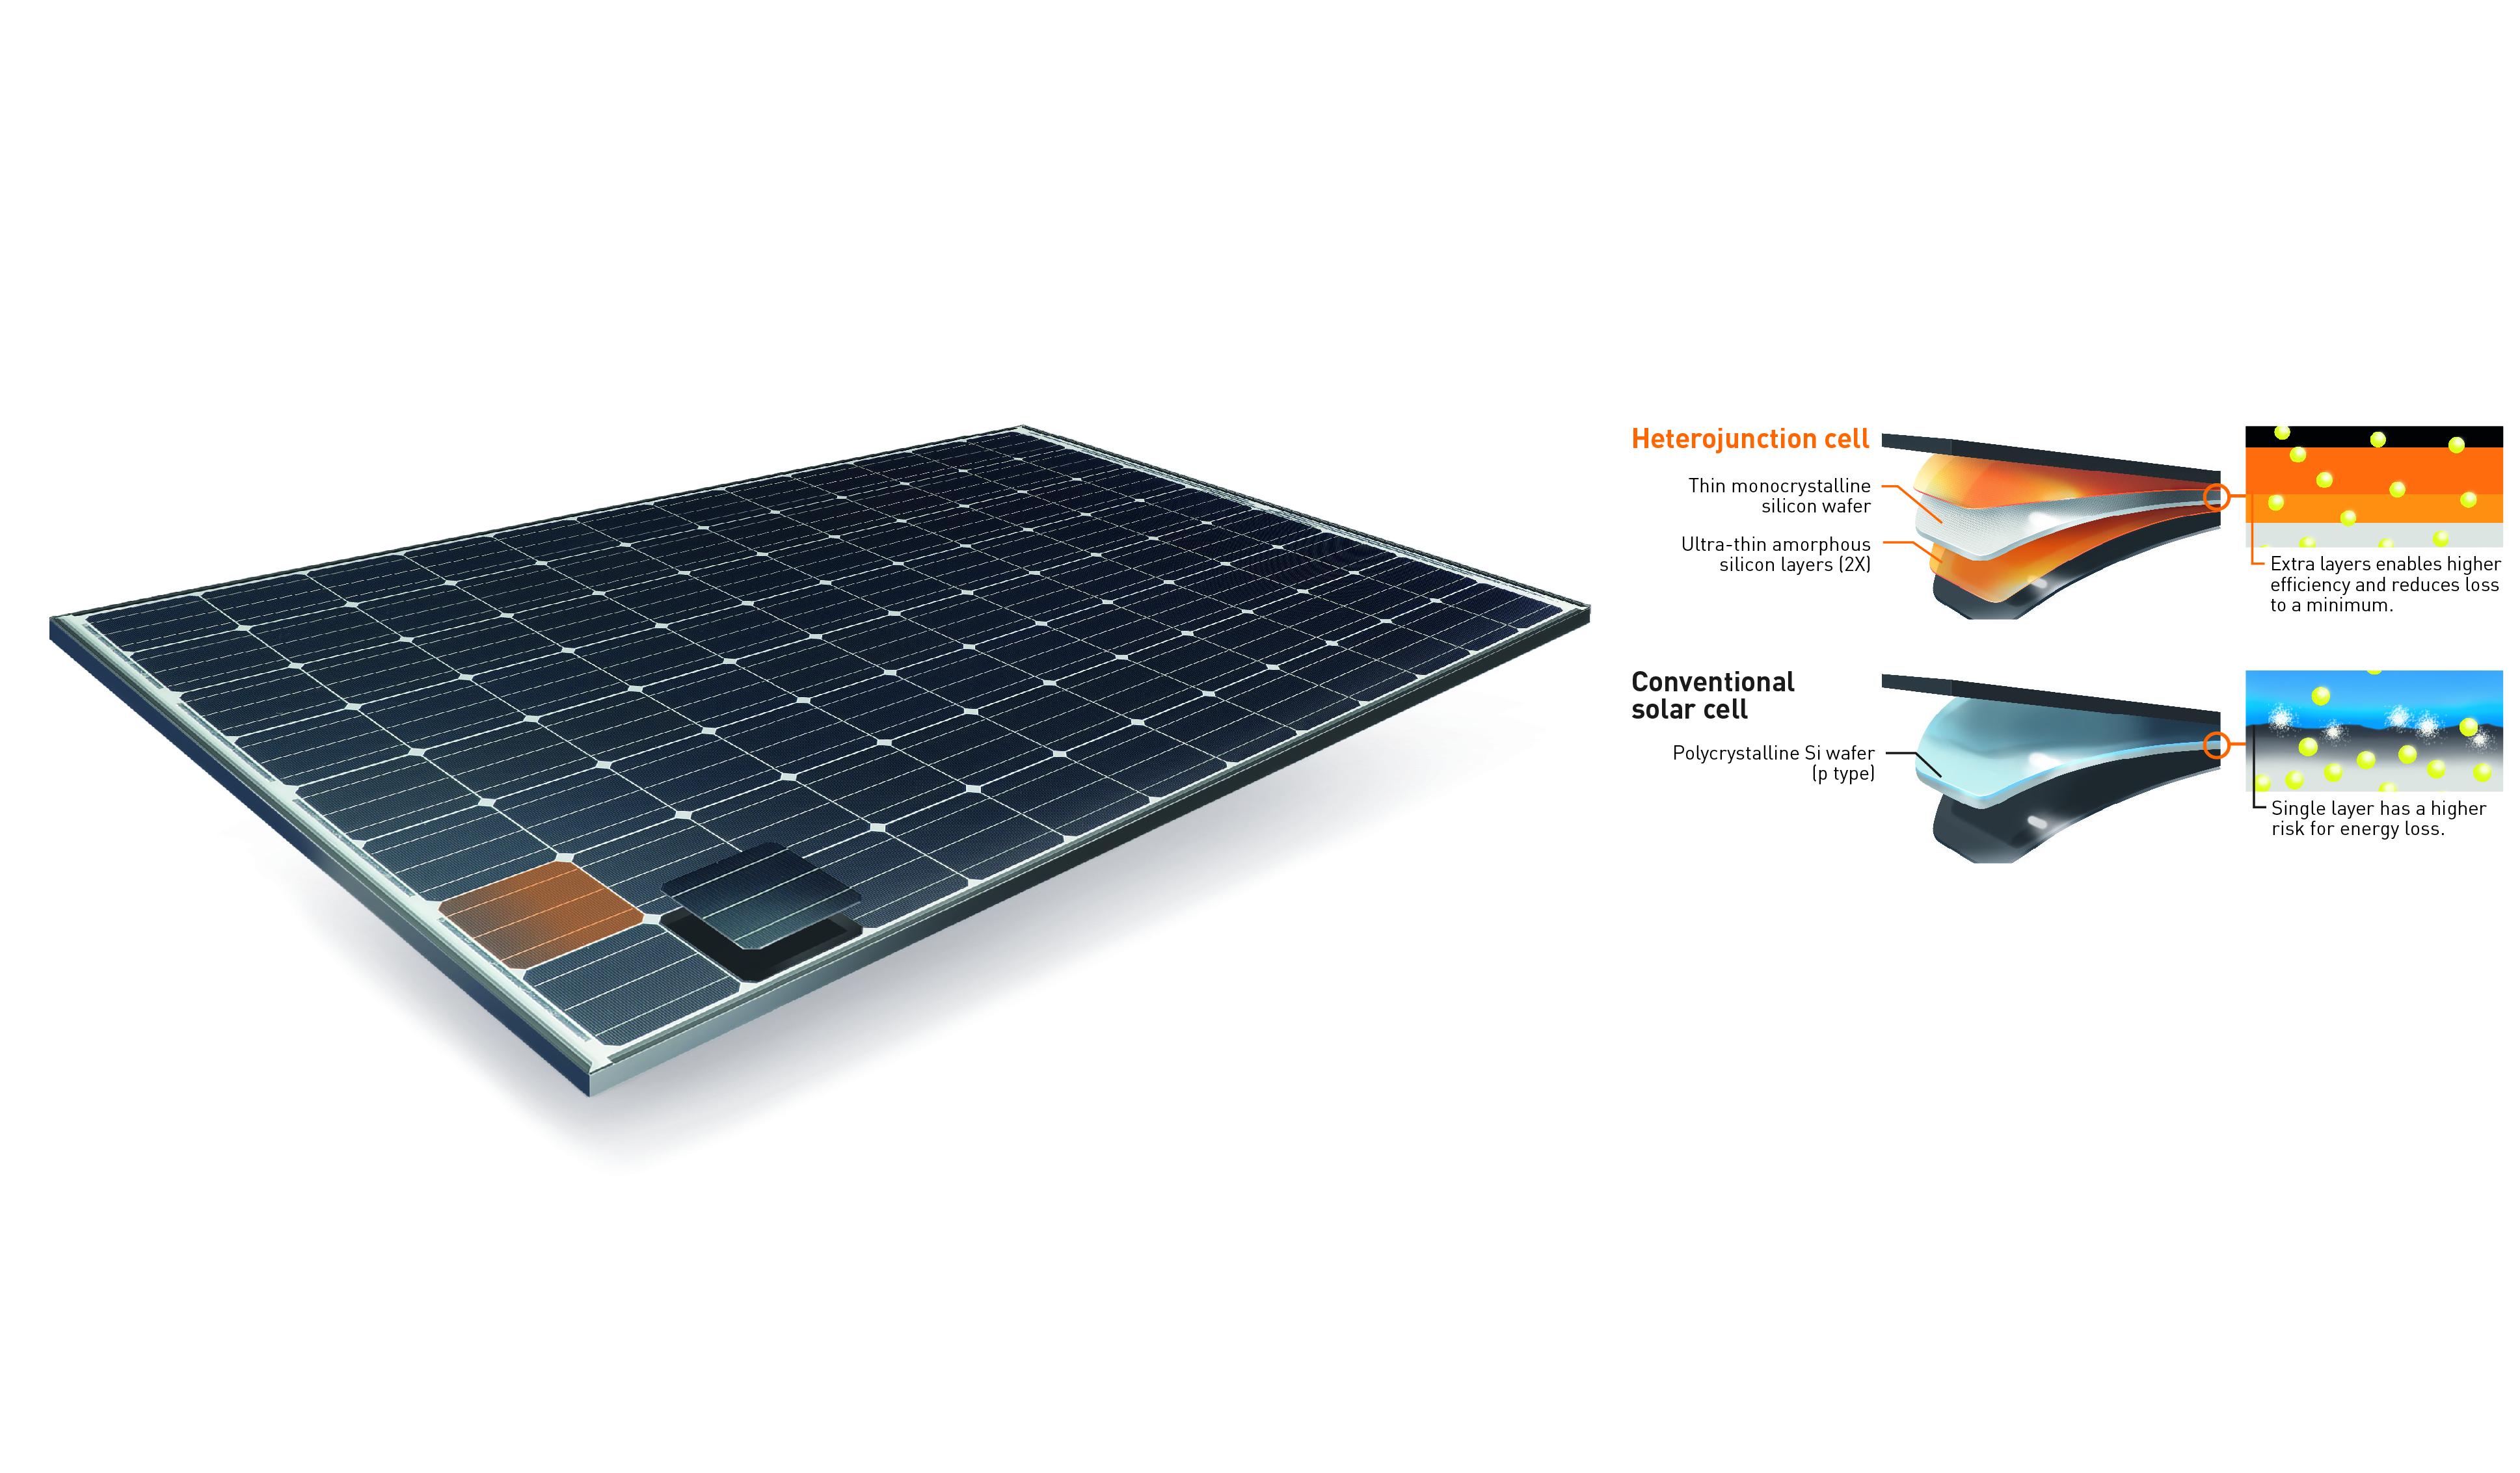 Inside the Solar Panel